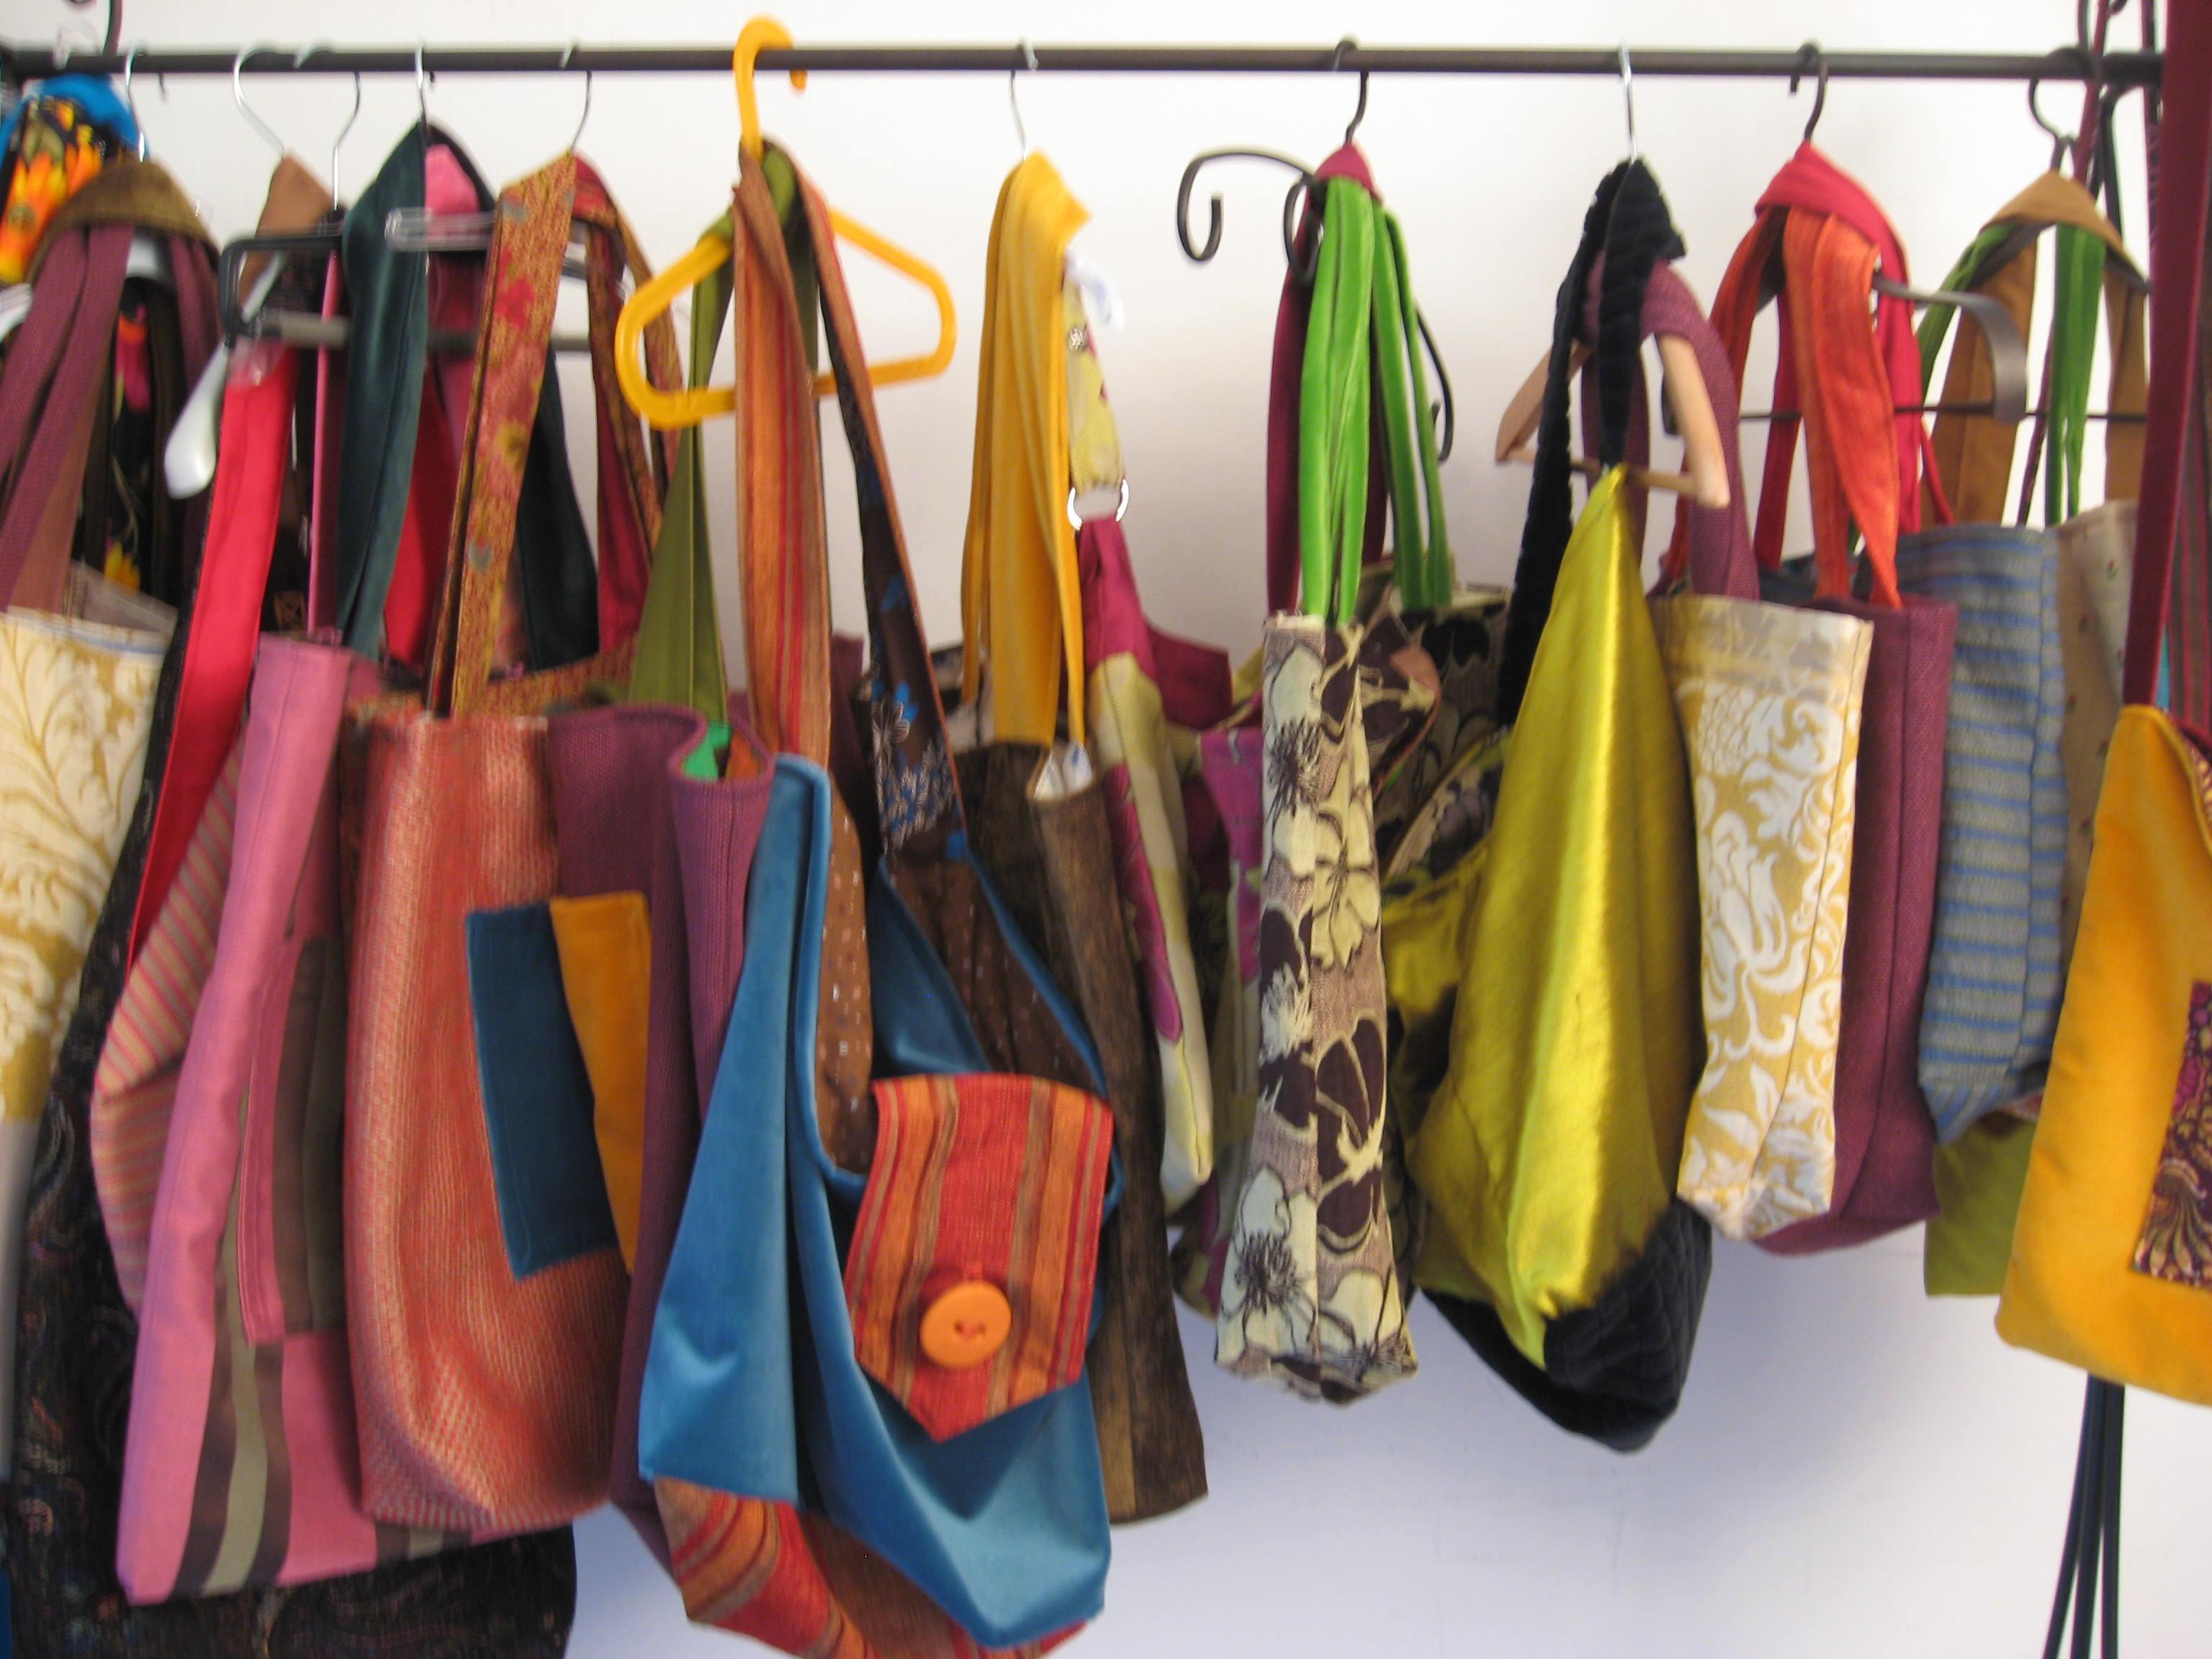 Popolare Come lavare le borse in lavatrice - Soluzioni di Casa EK48